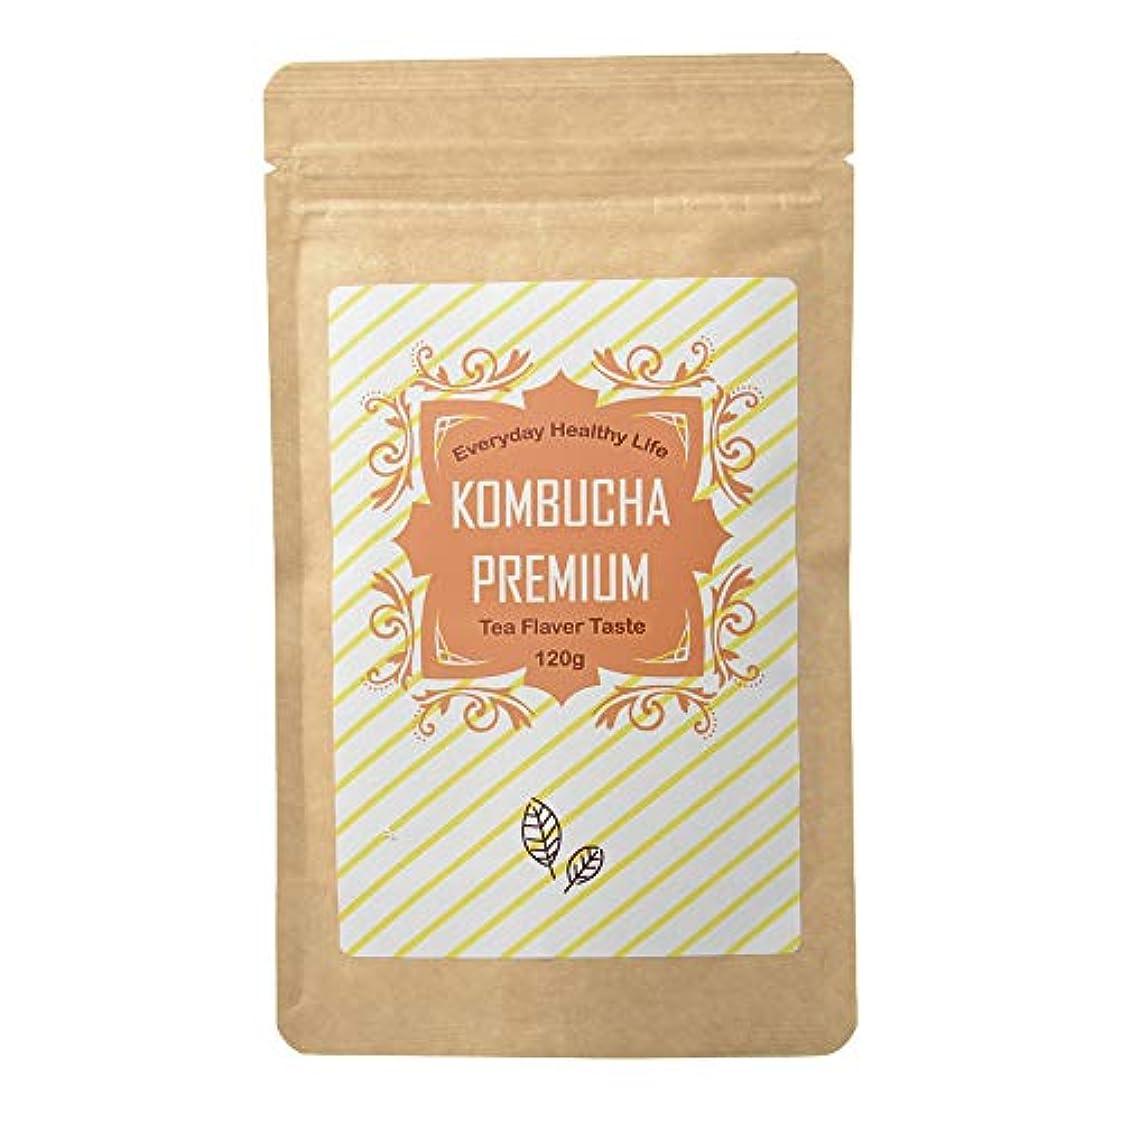 暗唱する排泄物通りコンブチャプレミアム (KOMBUCHA PREMIUM) ストレートティー味 日本製 粉末 飲料 [内容量120g /説明書付き]